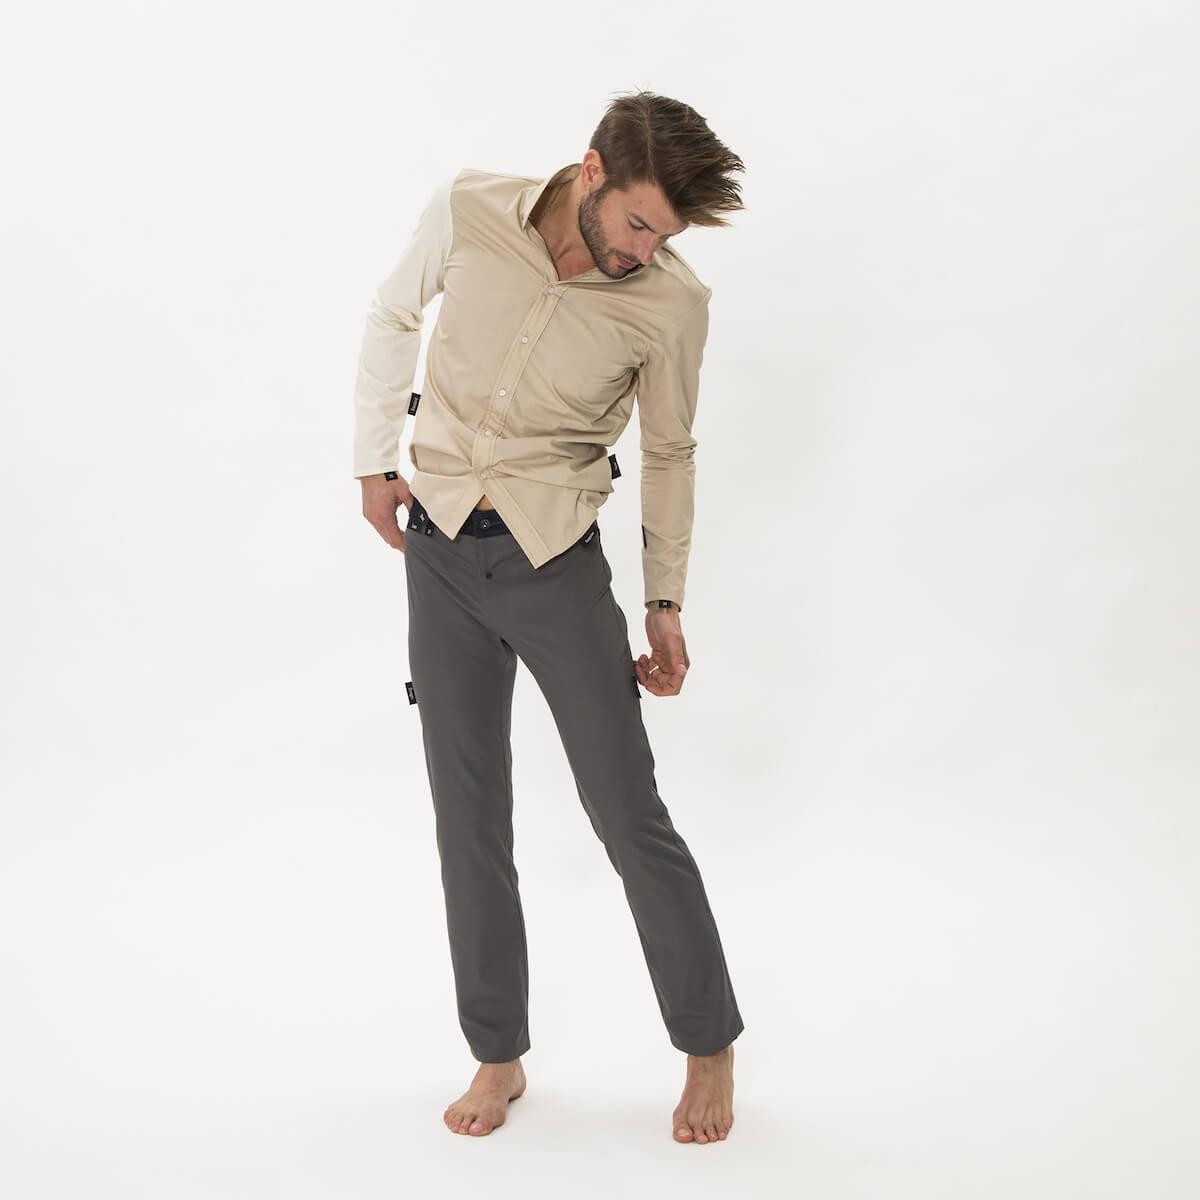 Custom Men's Clothing New York City